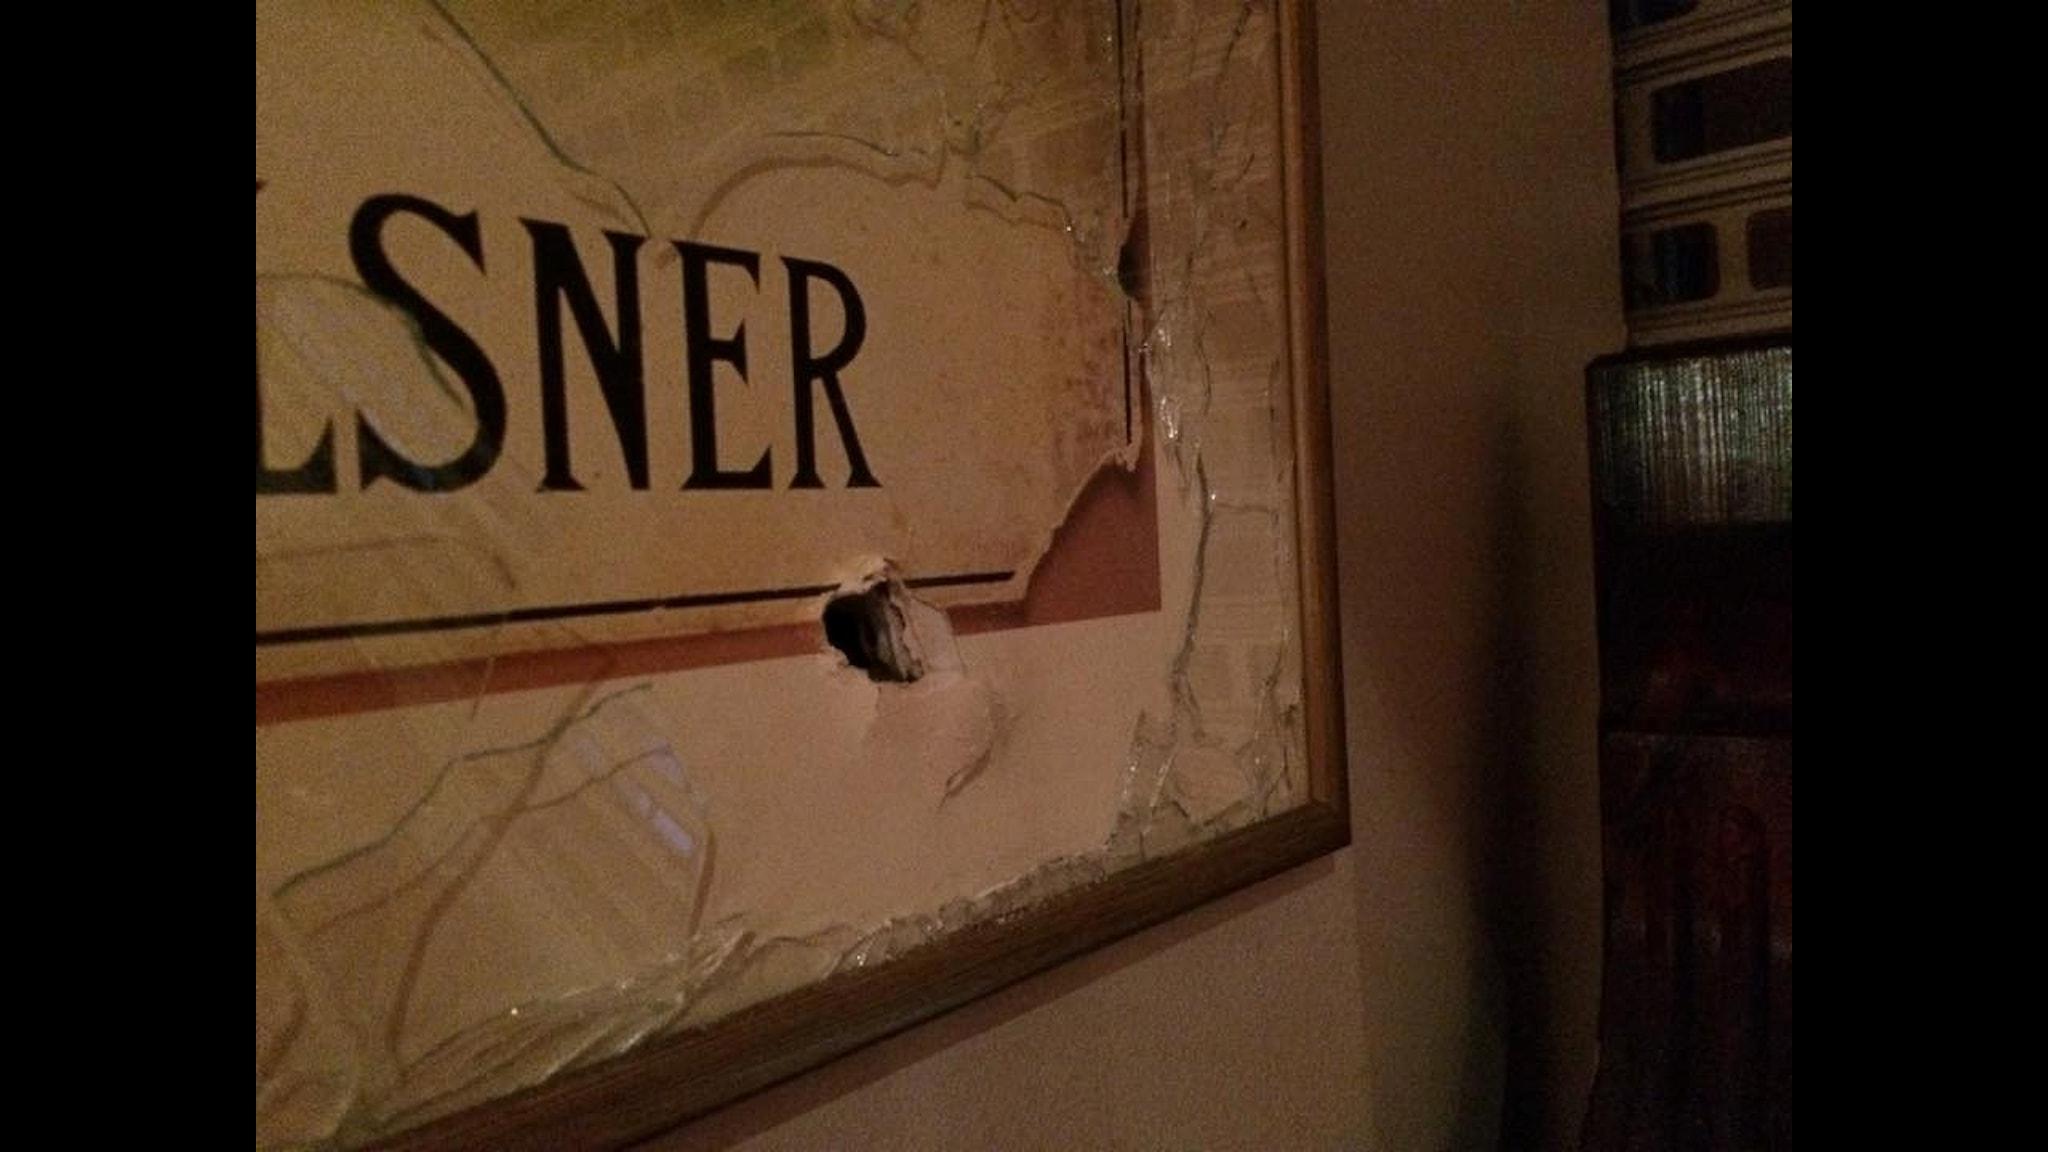 Kulorna ven inne på restaurangen på Vårväderstorget i Göteborg. Petar dödades av en förlupen kula när gängen åter gav sig på varandra.